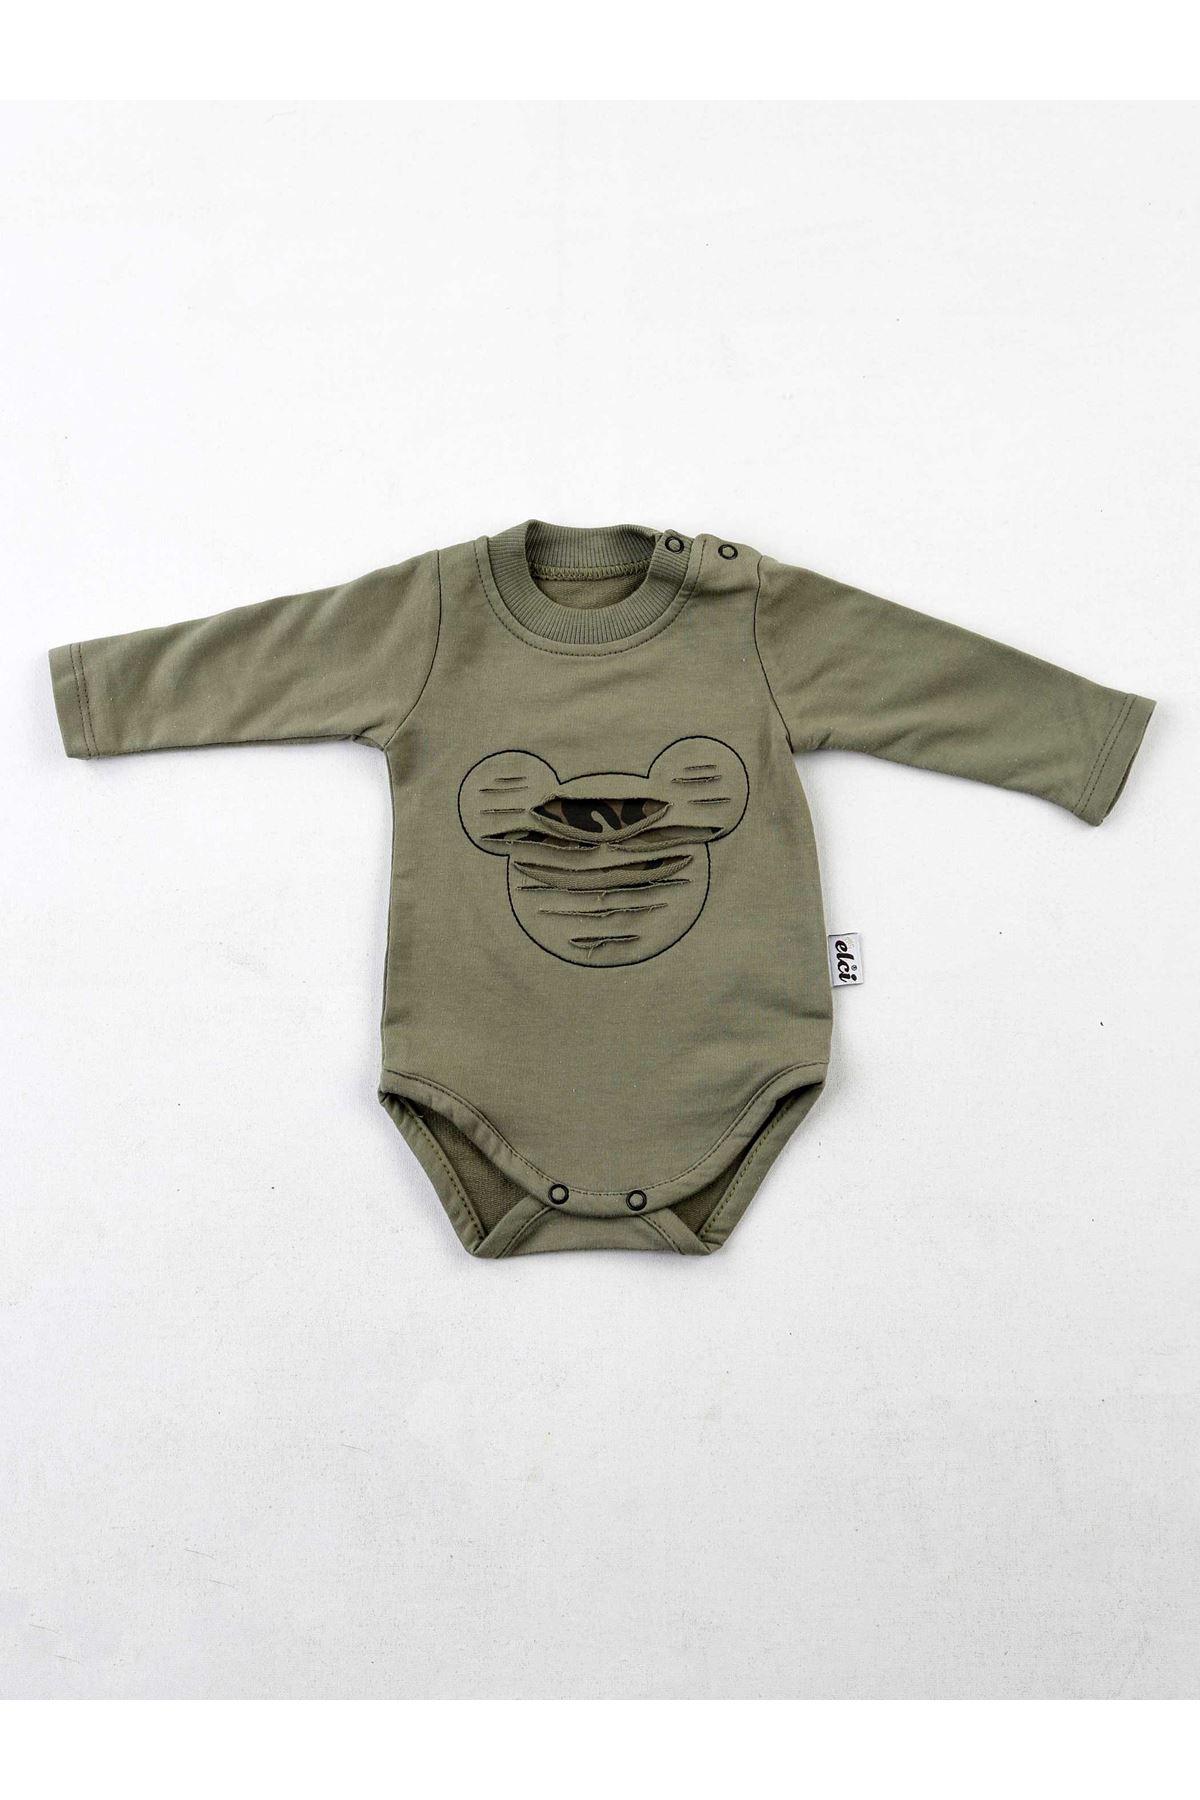 Haki Kamuflaj Erkek Bebek 3 lü Takım